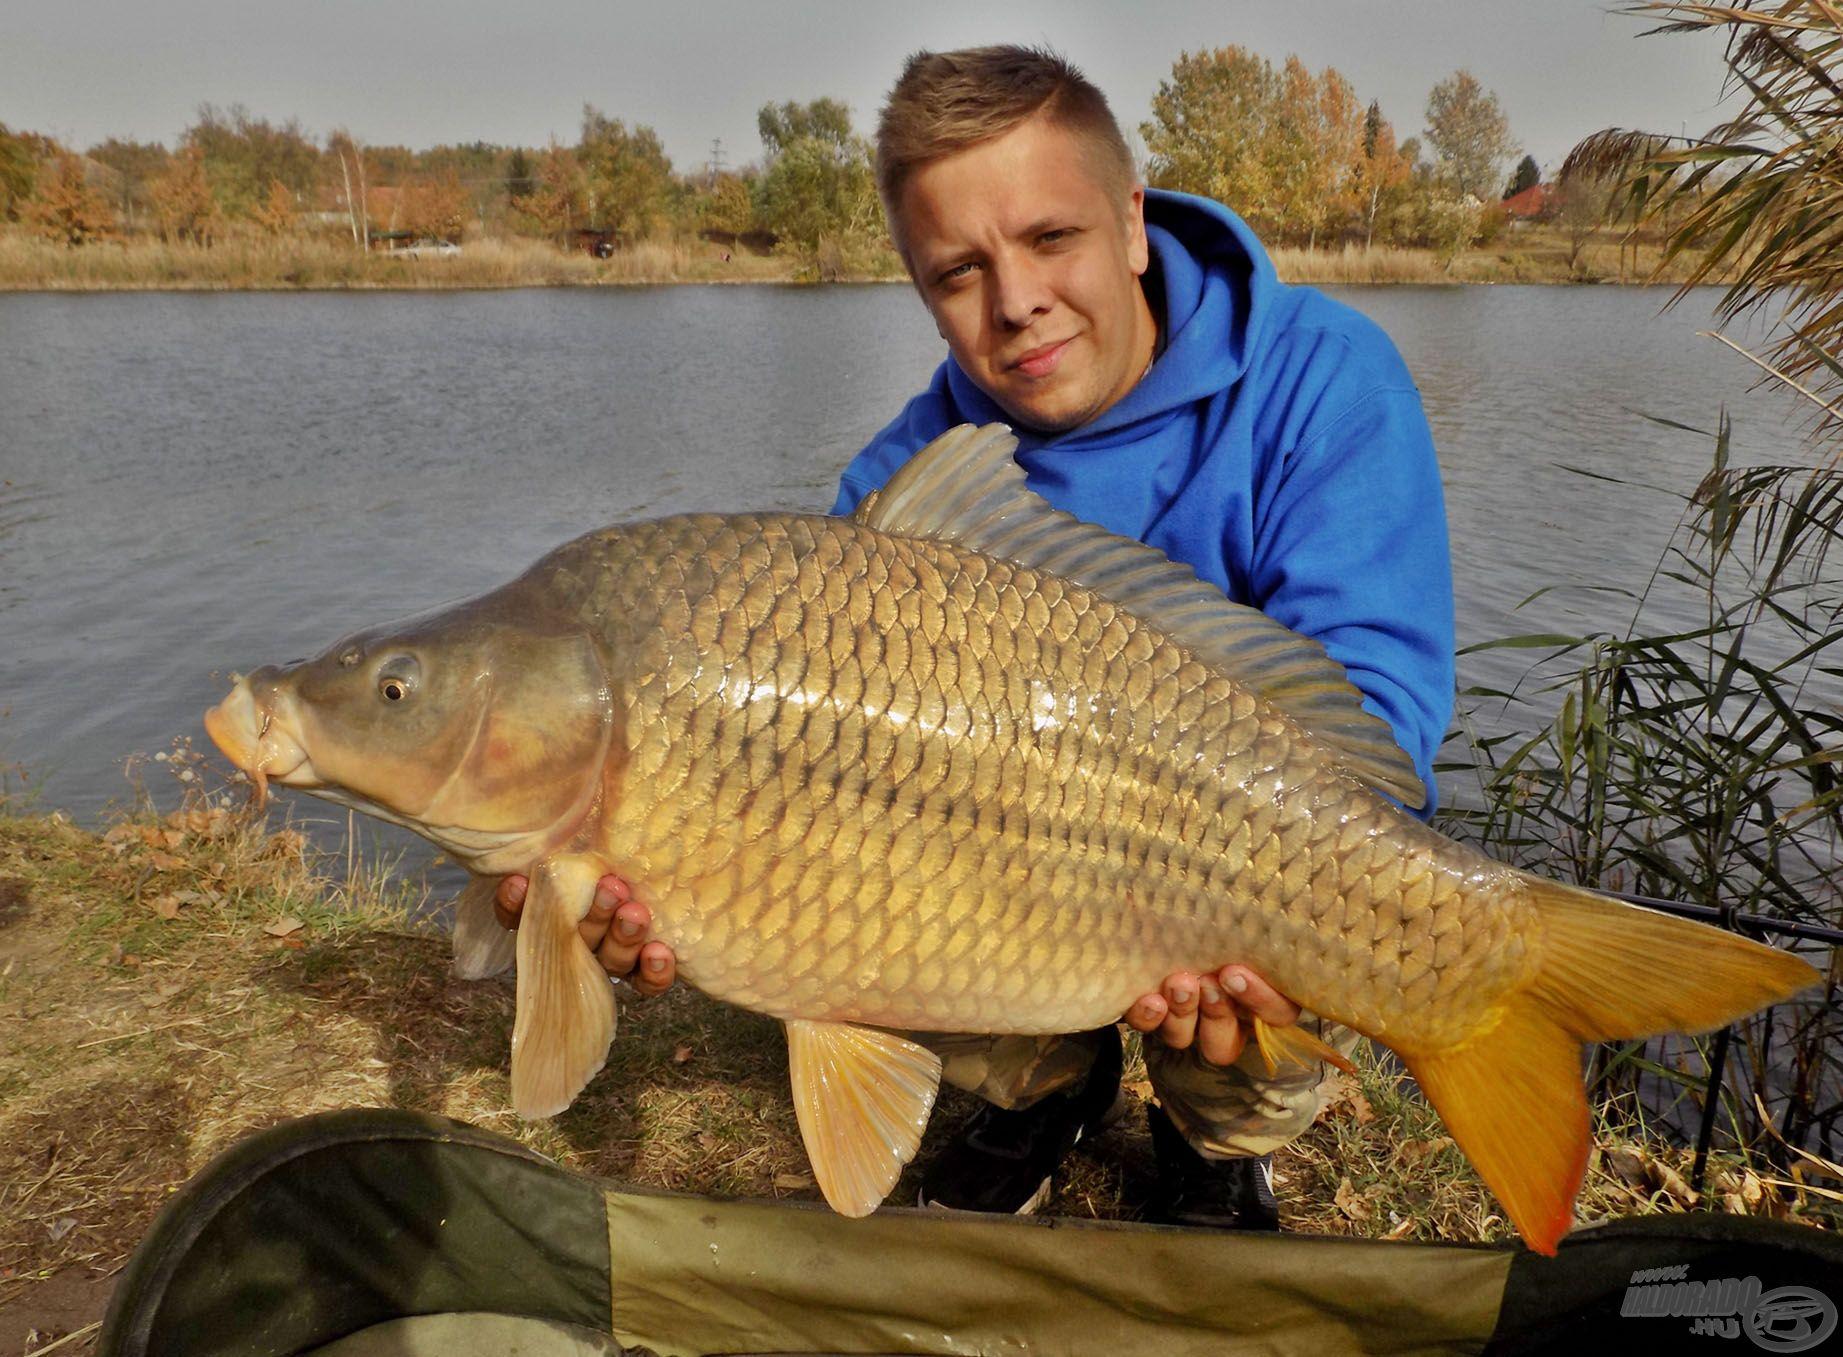 … melynek eredményeképpen akár 10 kg feletti halakat is tarthatunk a kezünkben!